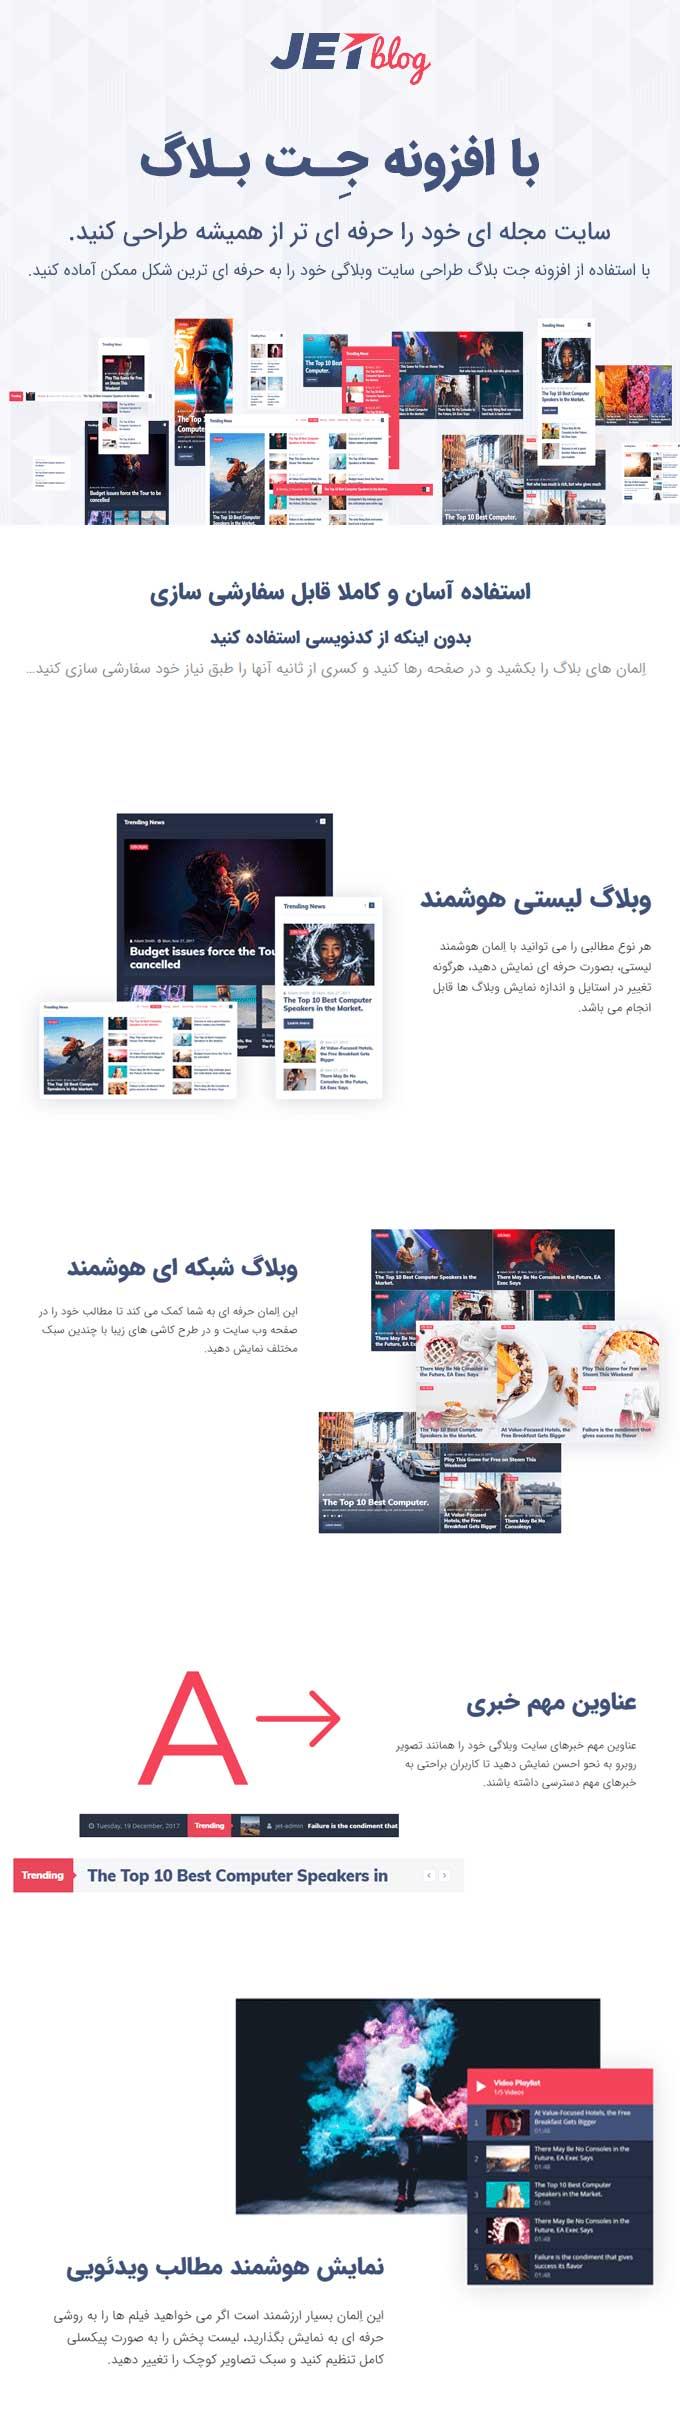 افزودنی المنتور برای طراحی صفحات وبلاگی